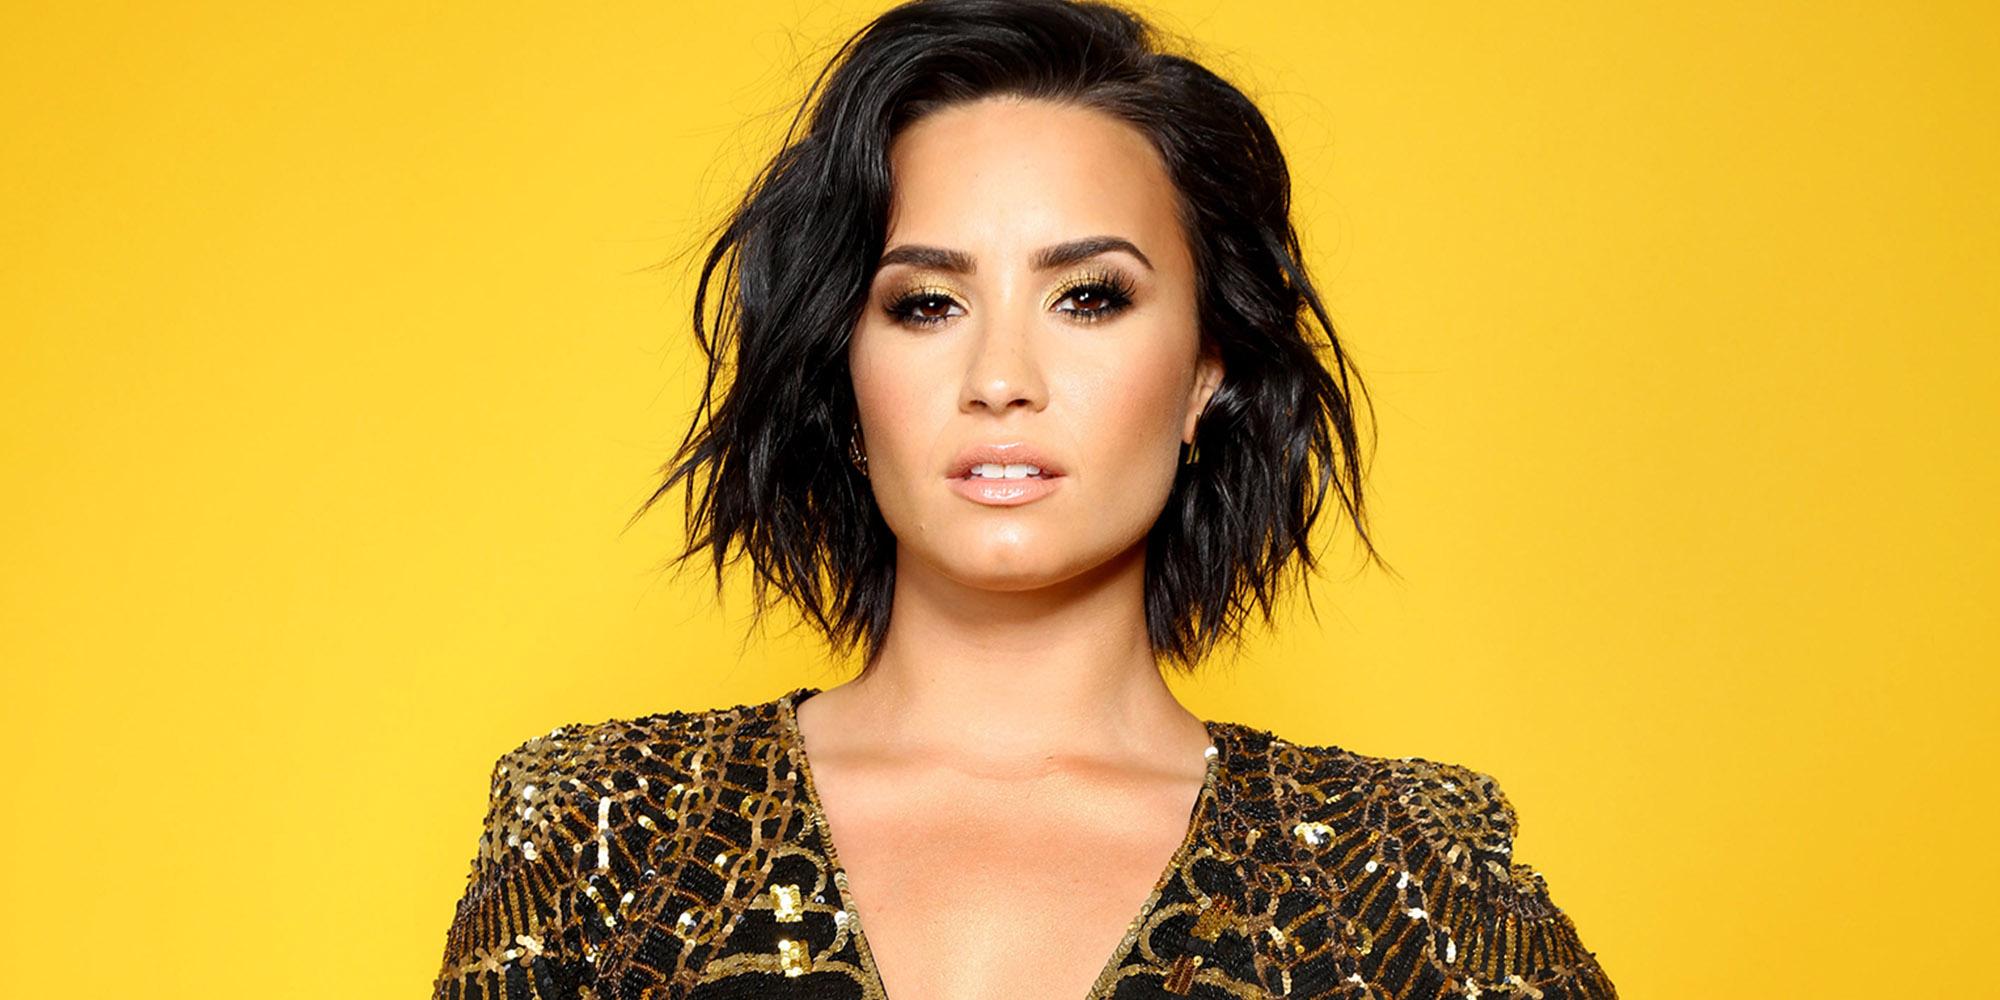 Breaking: Demi Lovato Hospitalized for Apparent Heroin Overdose